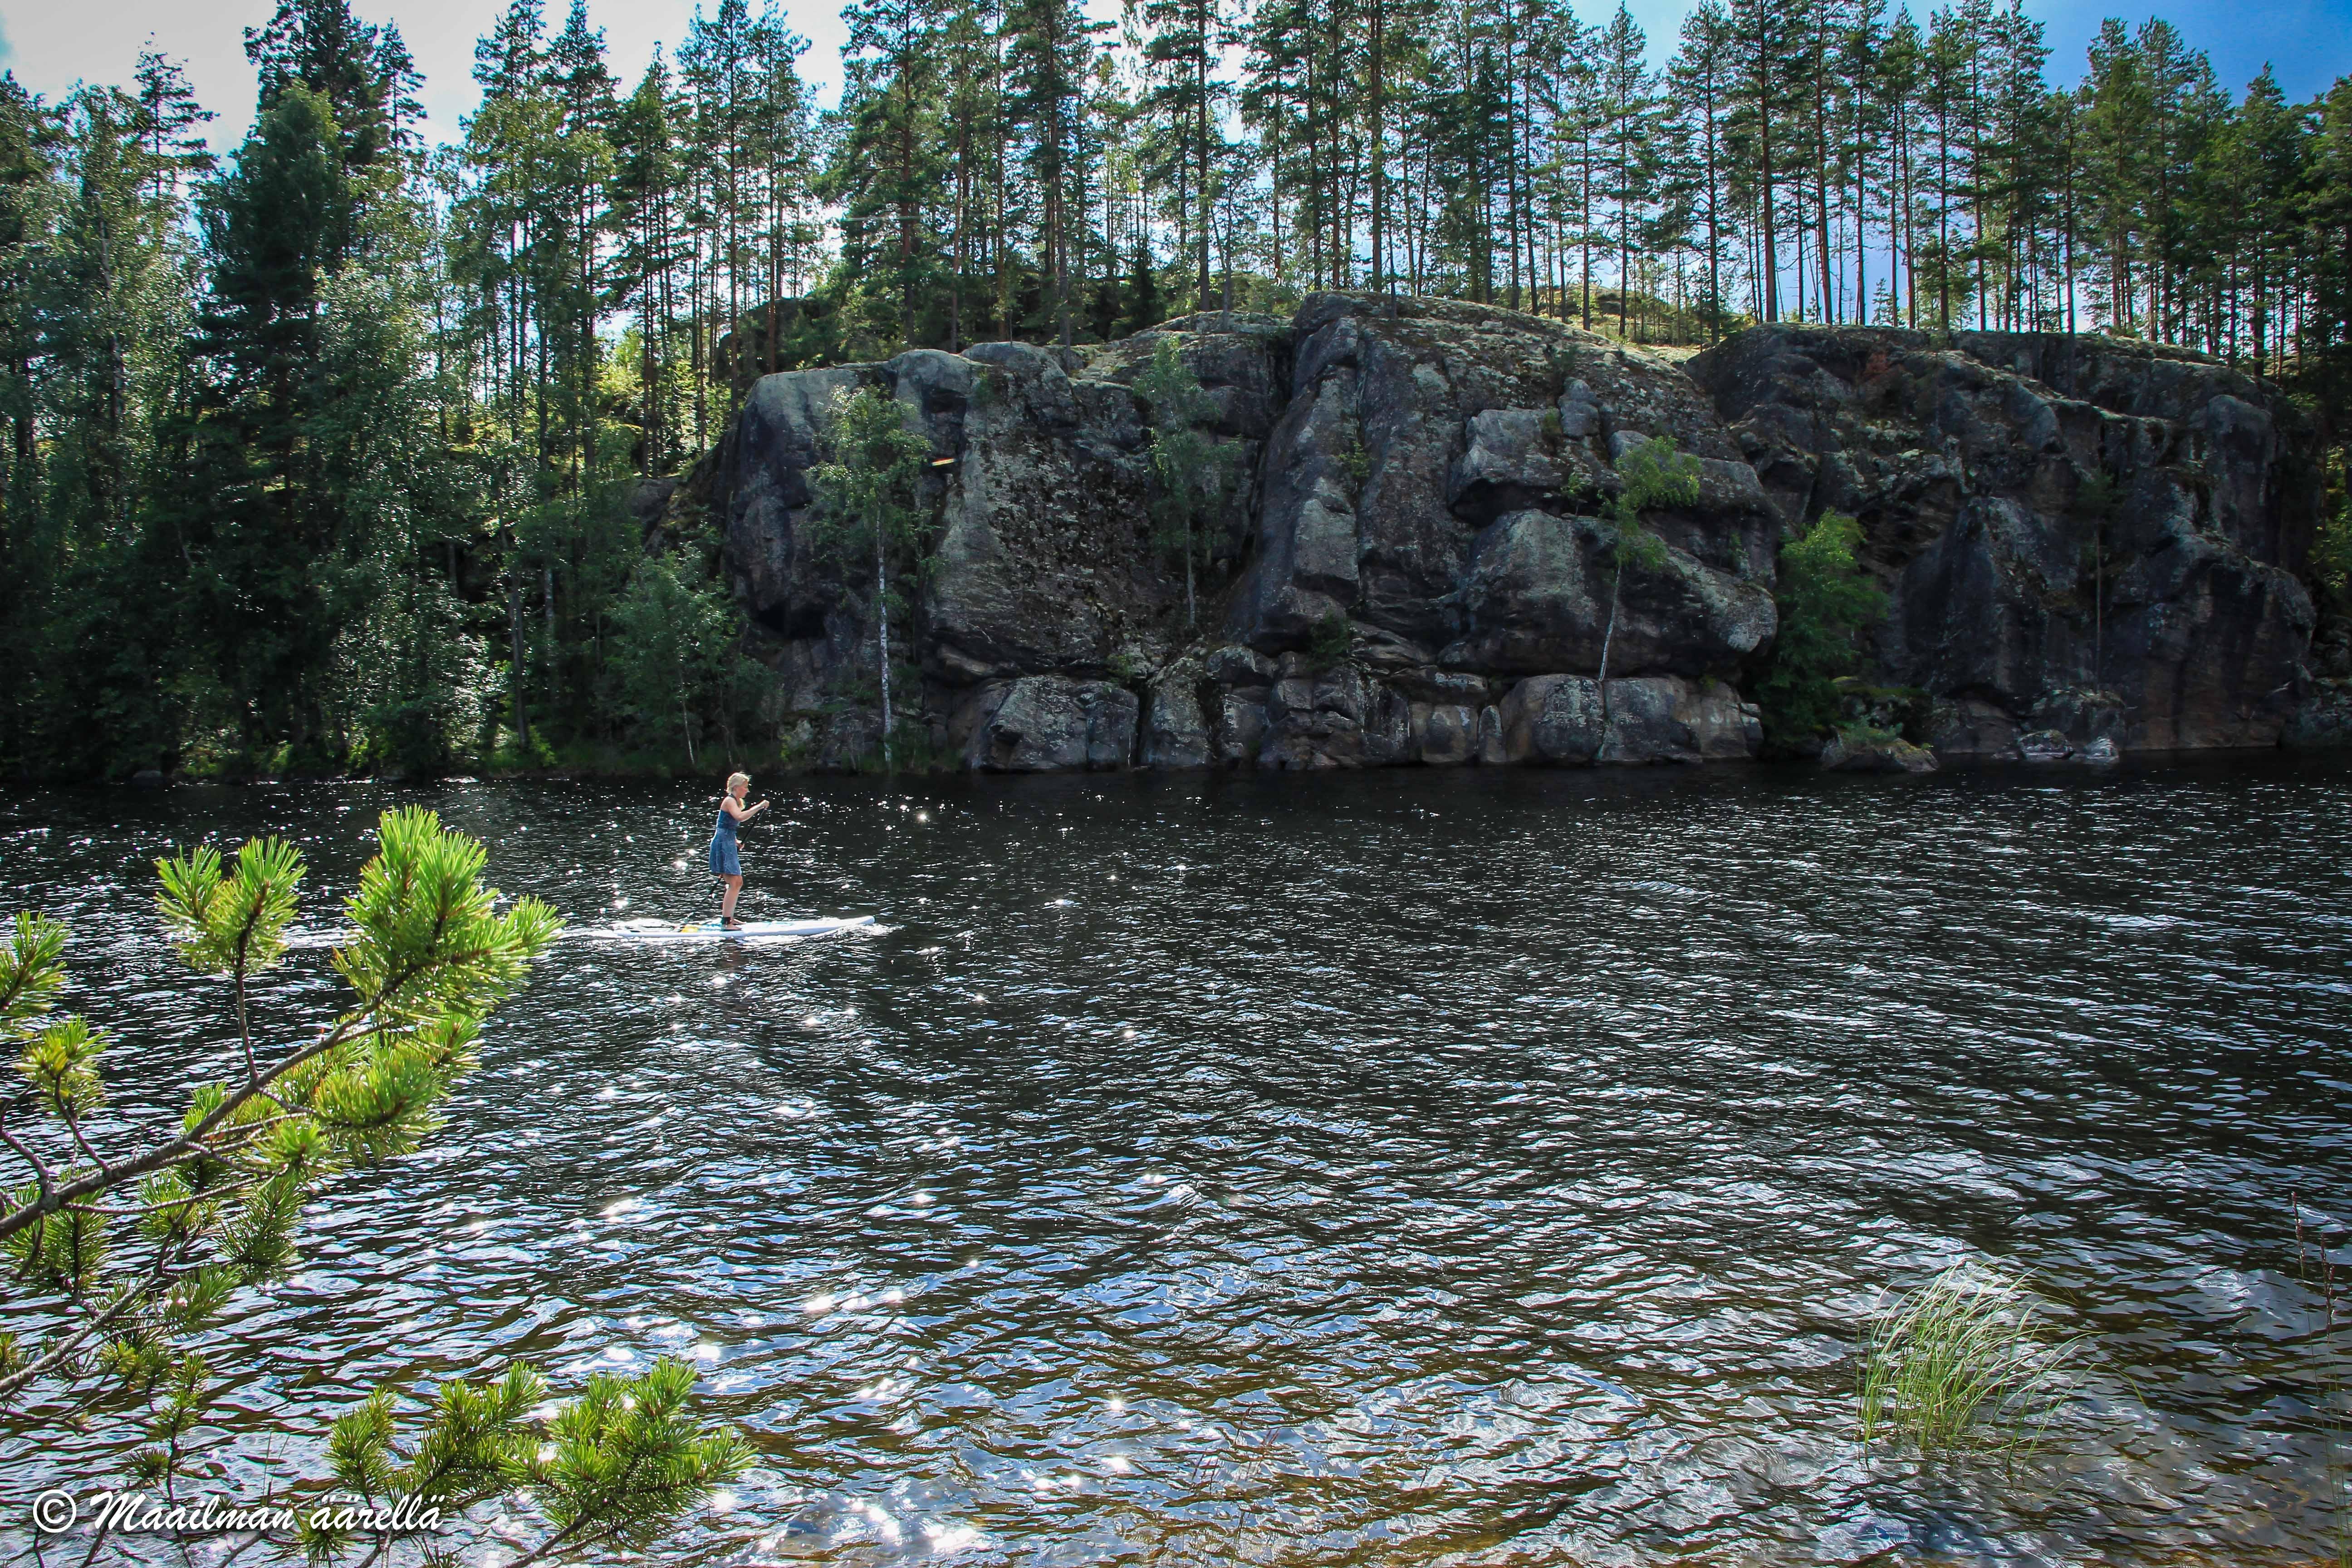 Norppa-Majat, Saimaa